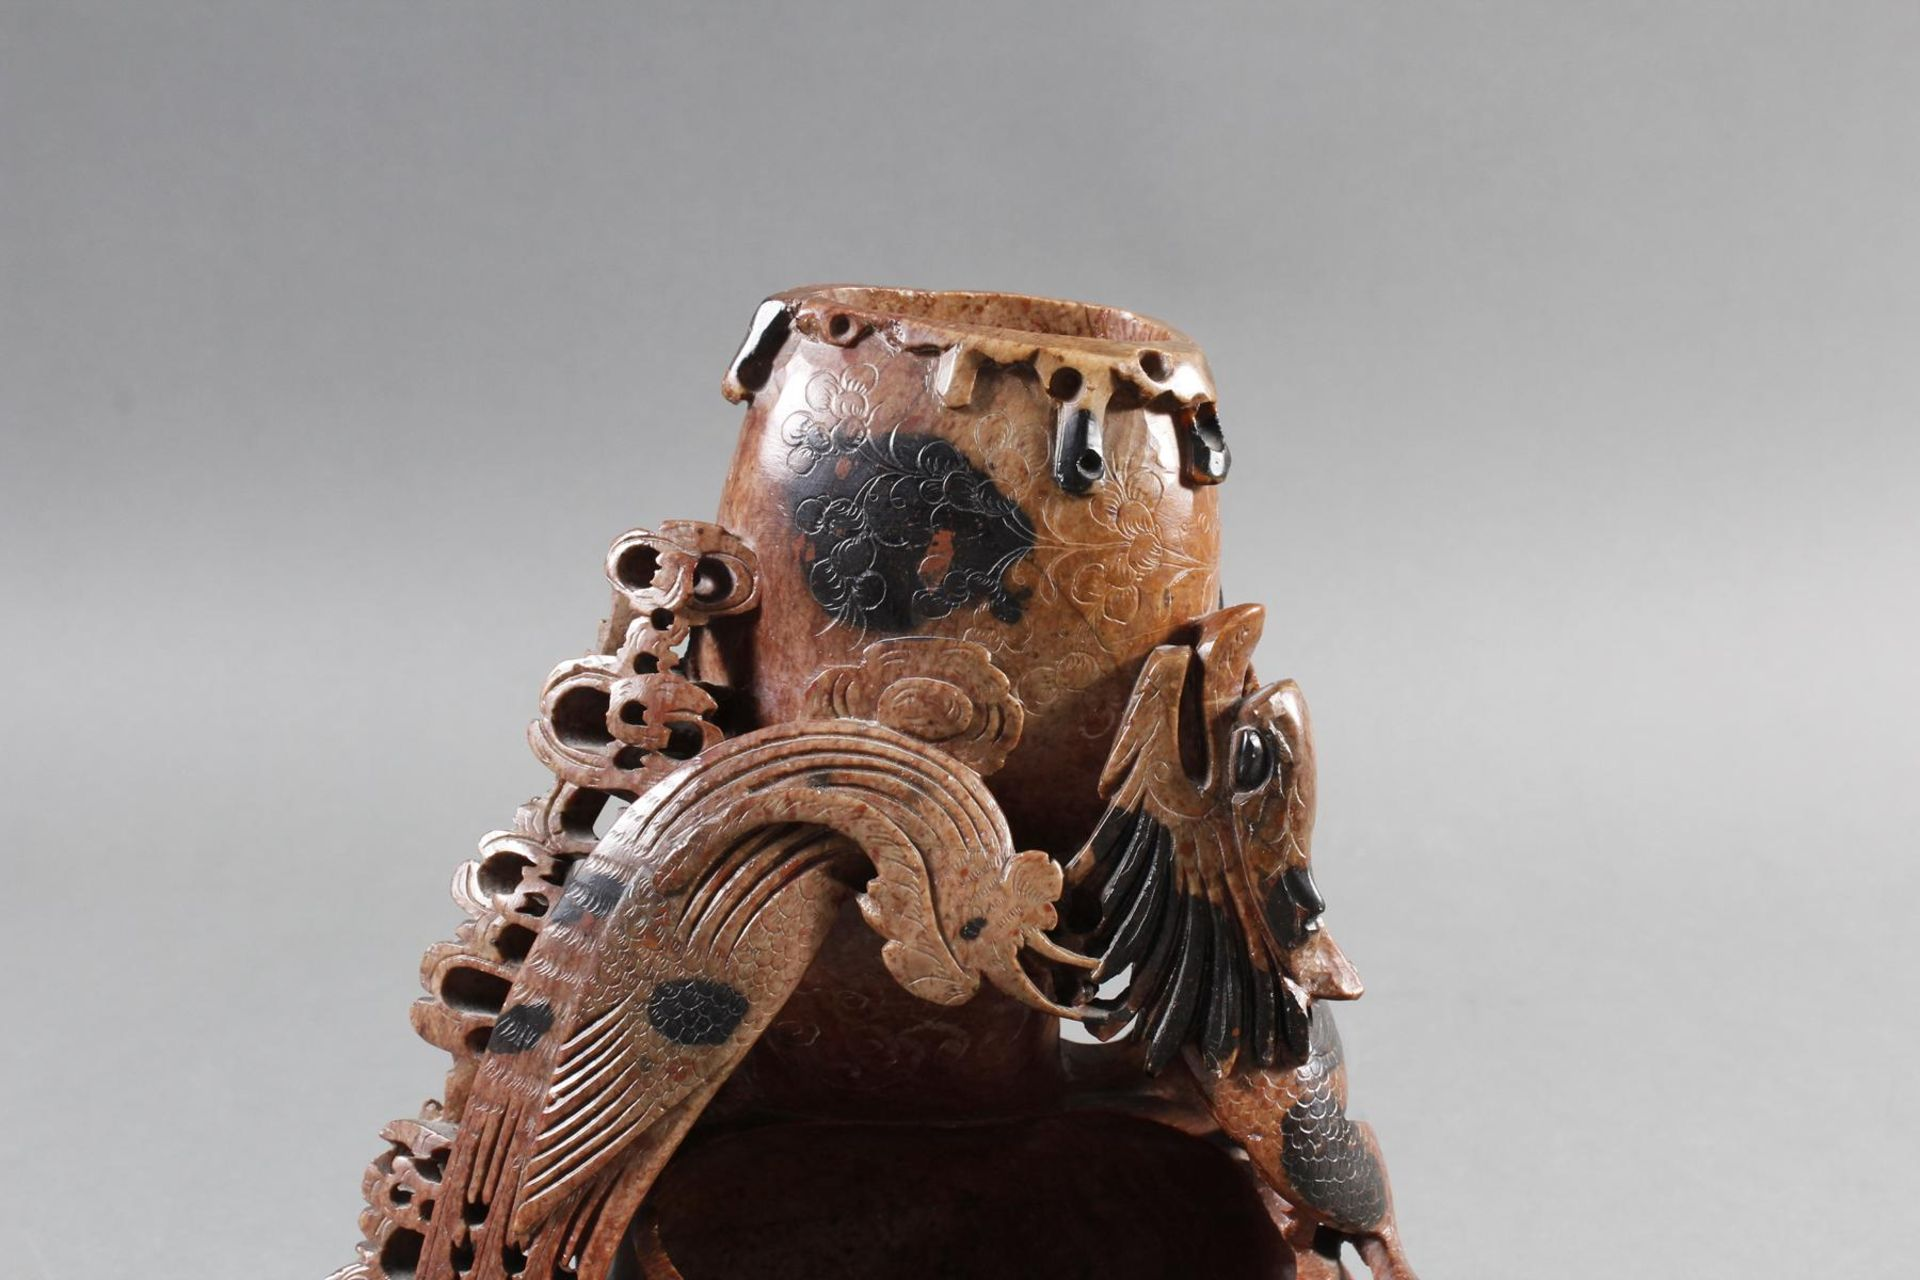 Tuschepinselwascher aus Steatit mit Zwei Becken, China Anfang 20 Jahrhundert - Bild 2 aus 16